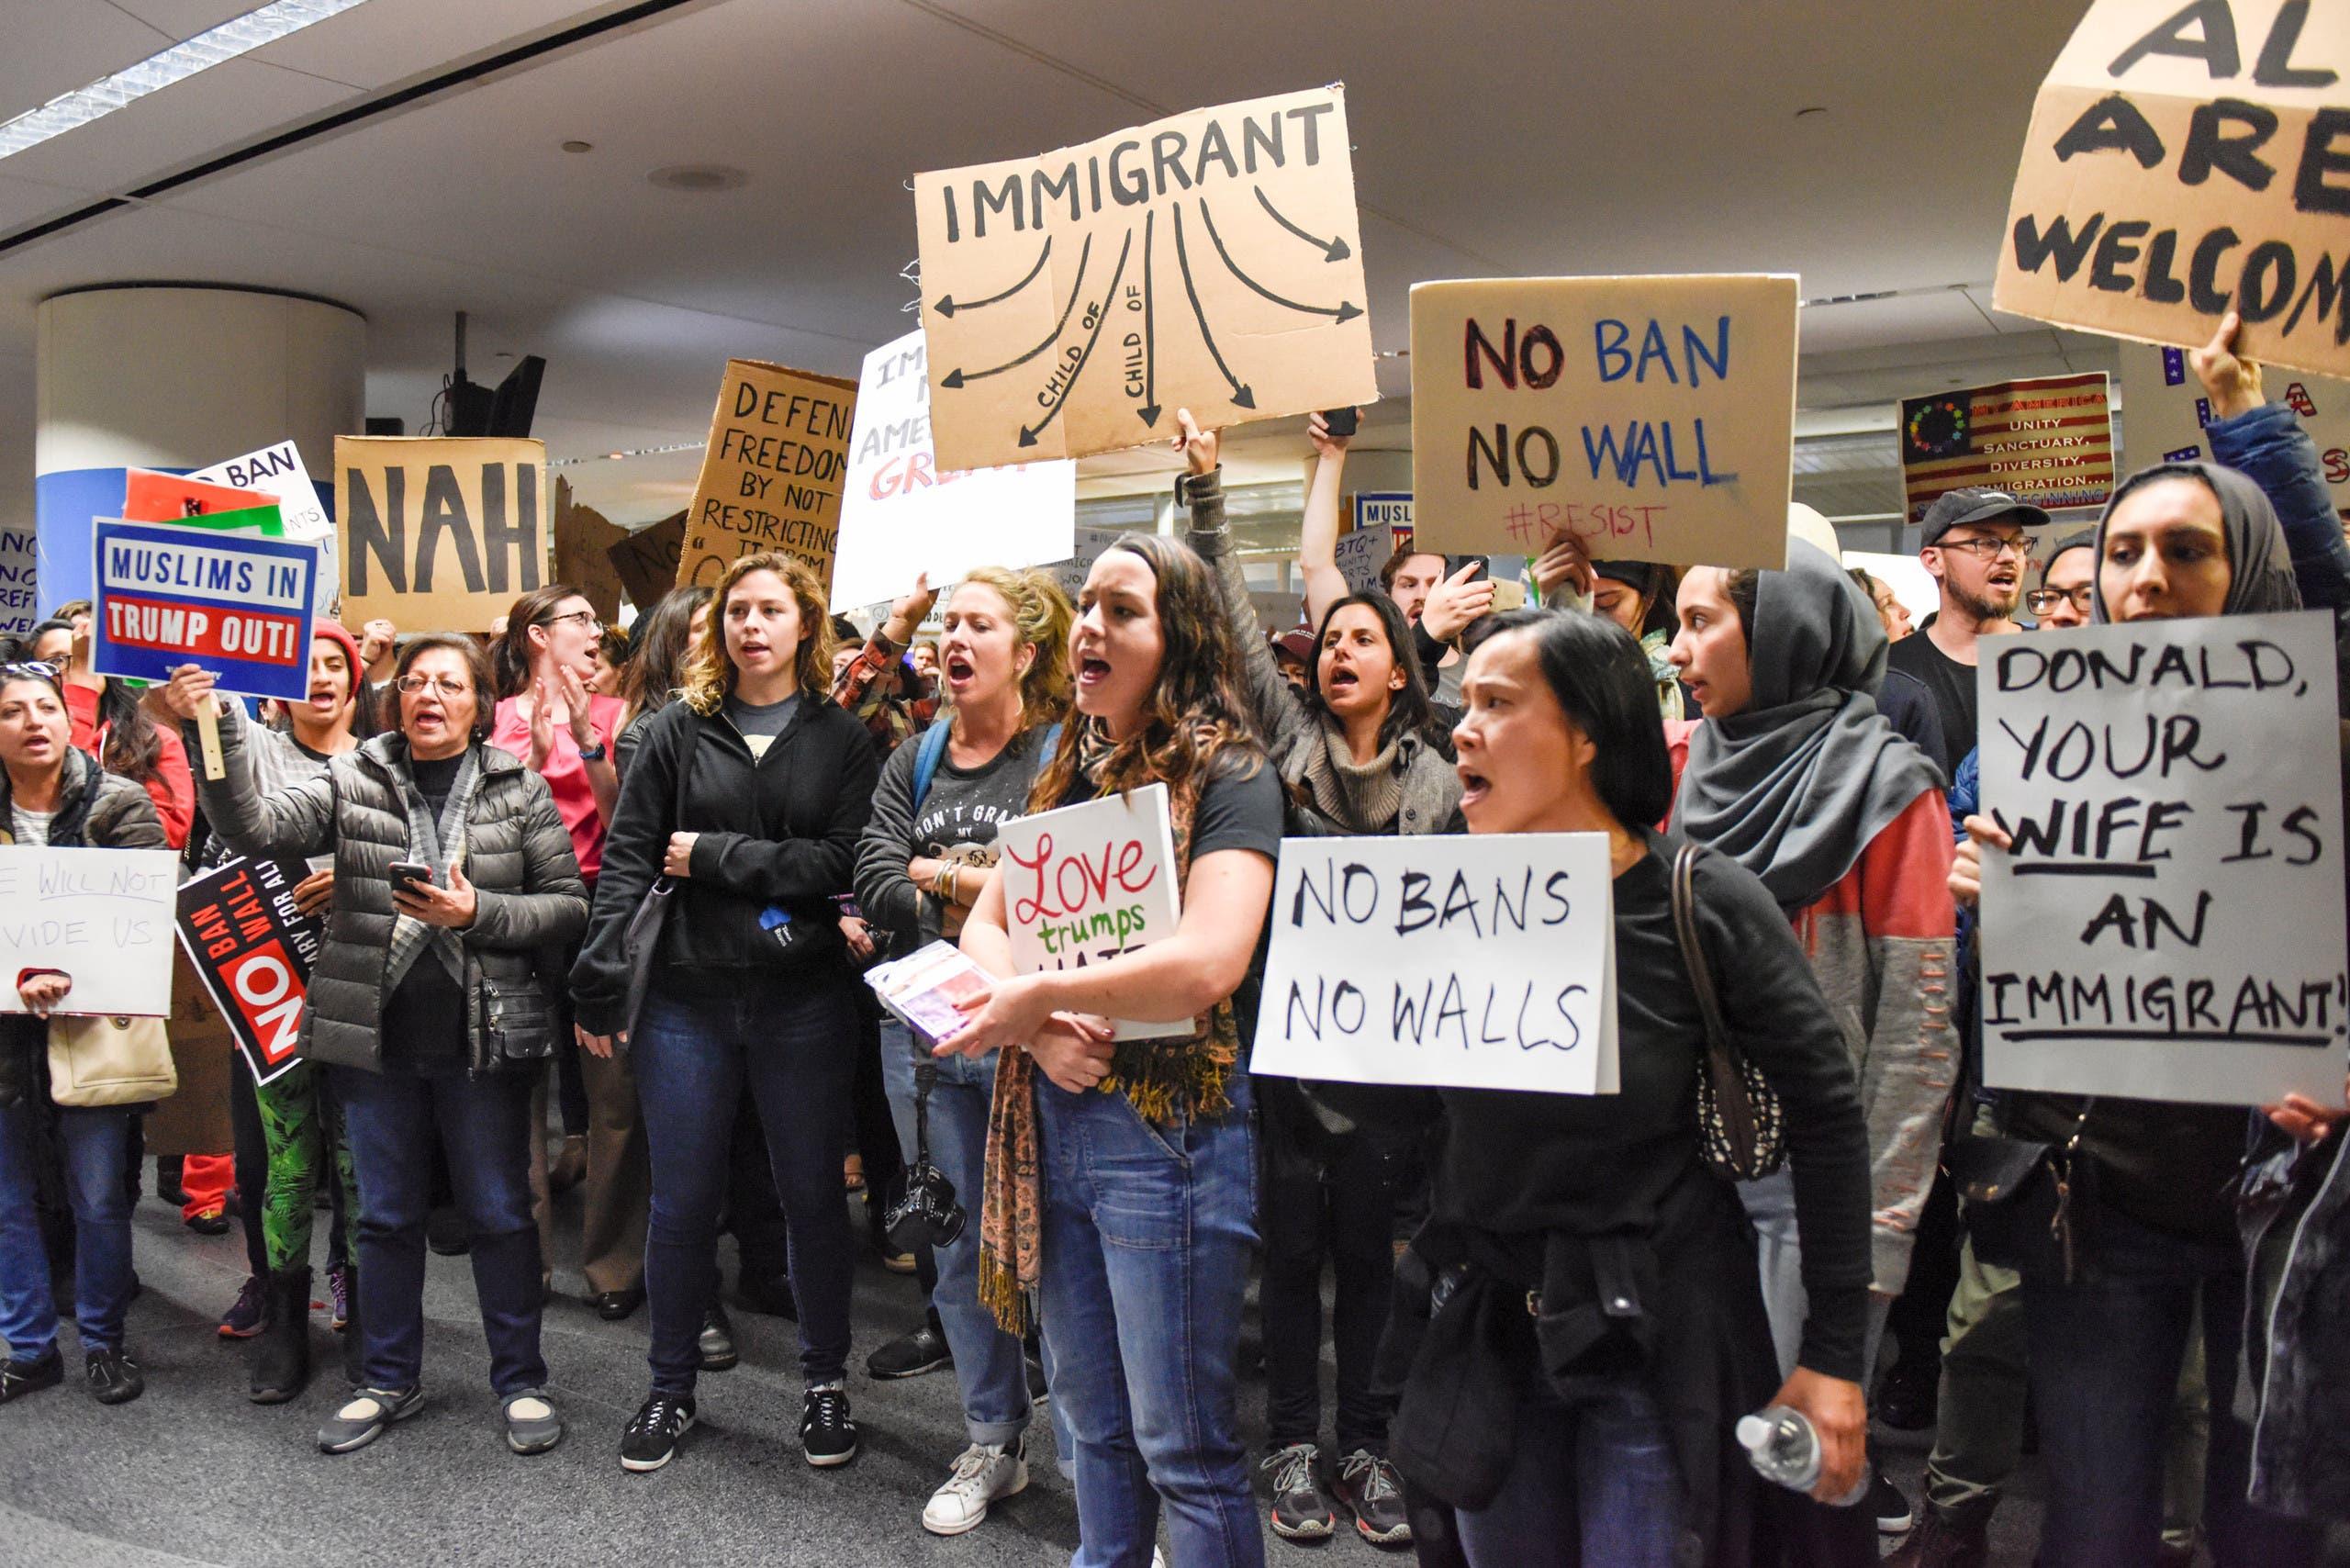 من احتجاجات سان فرانسيسكو